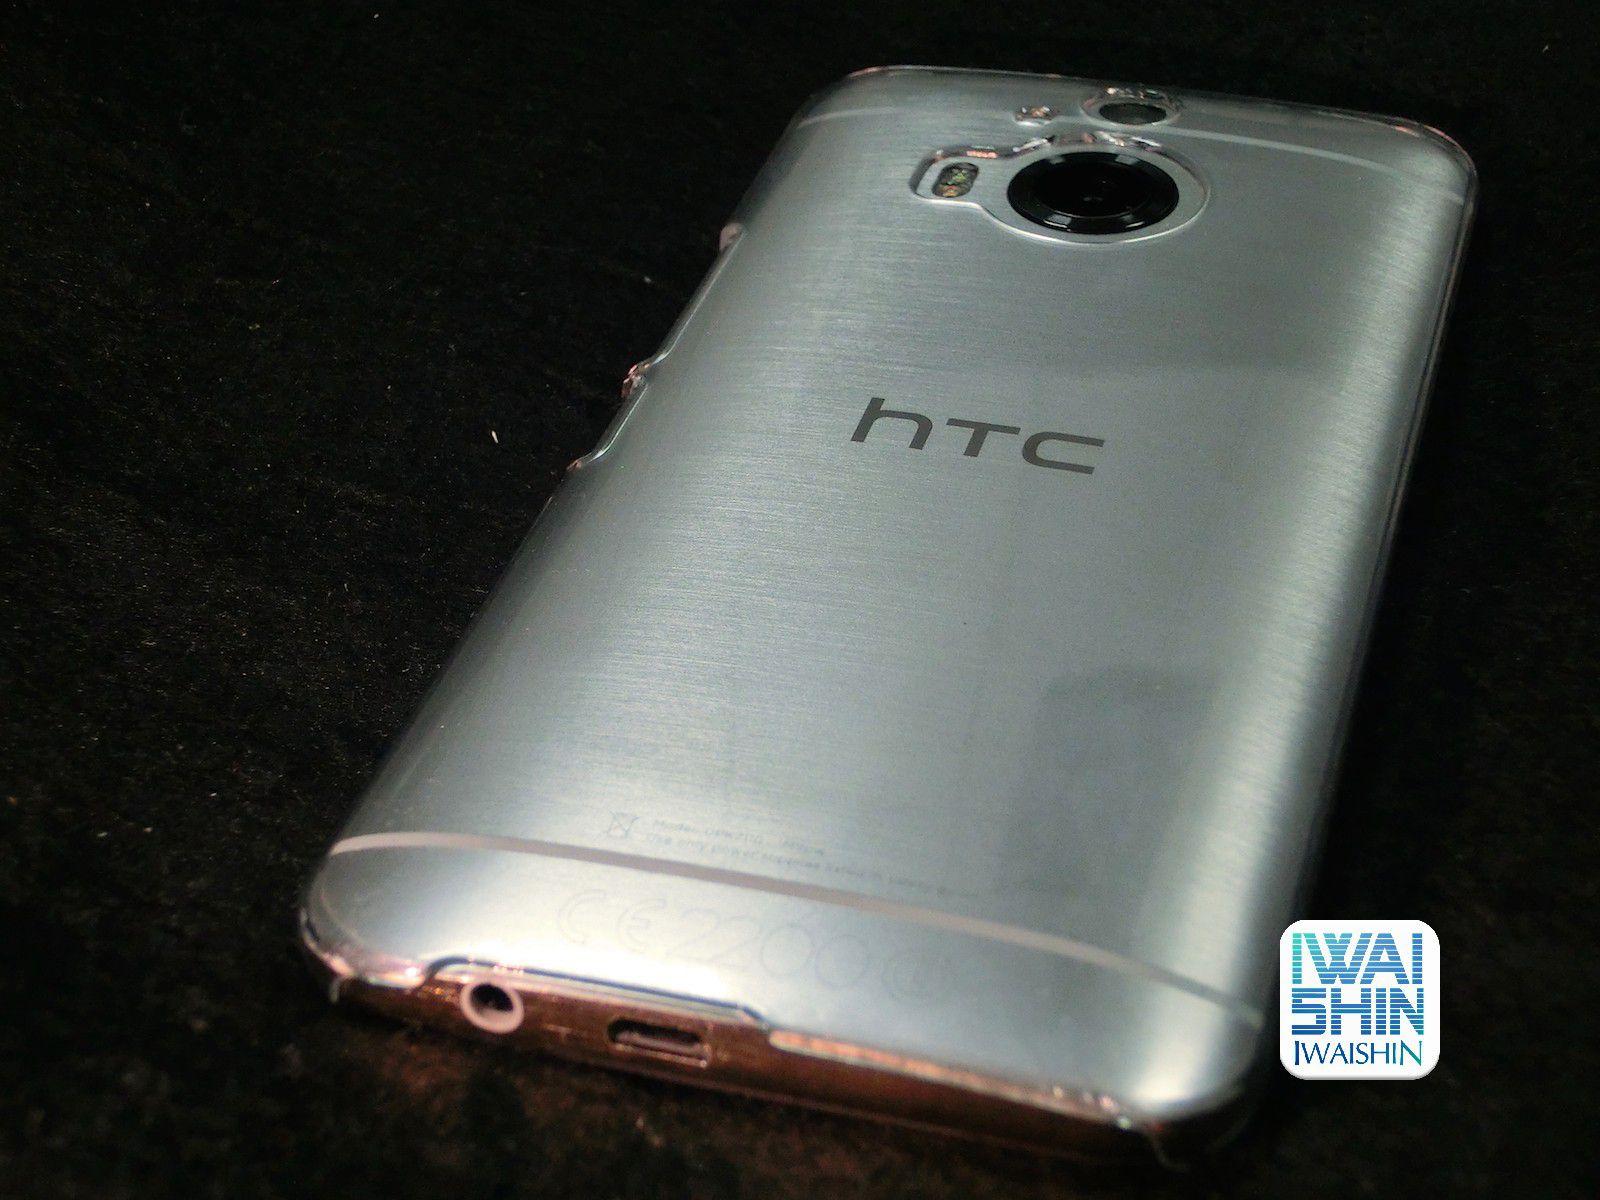 透明殼專家 HTCM9+5428